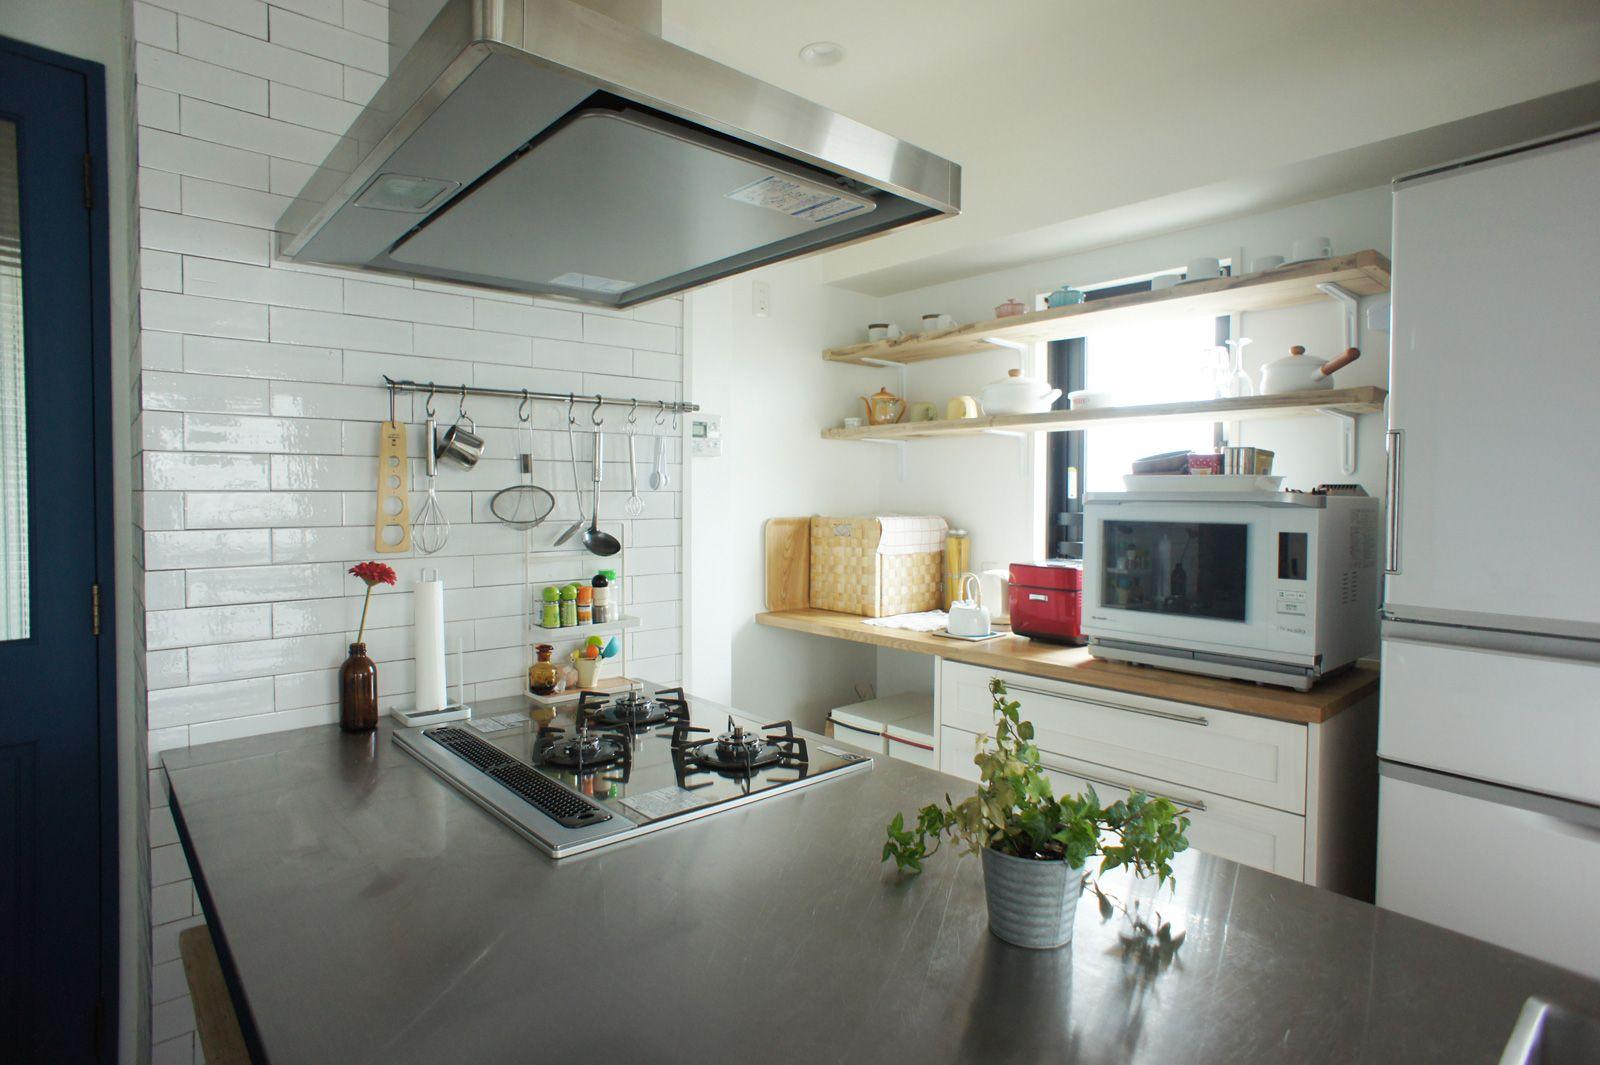 ステンレス天板を使ったペニンシュラ型のキッチンリノベーション